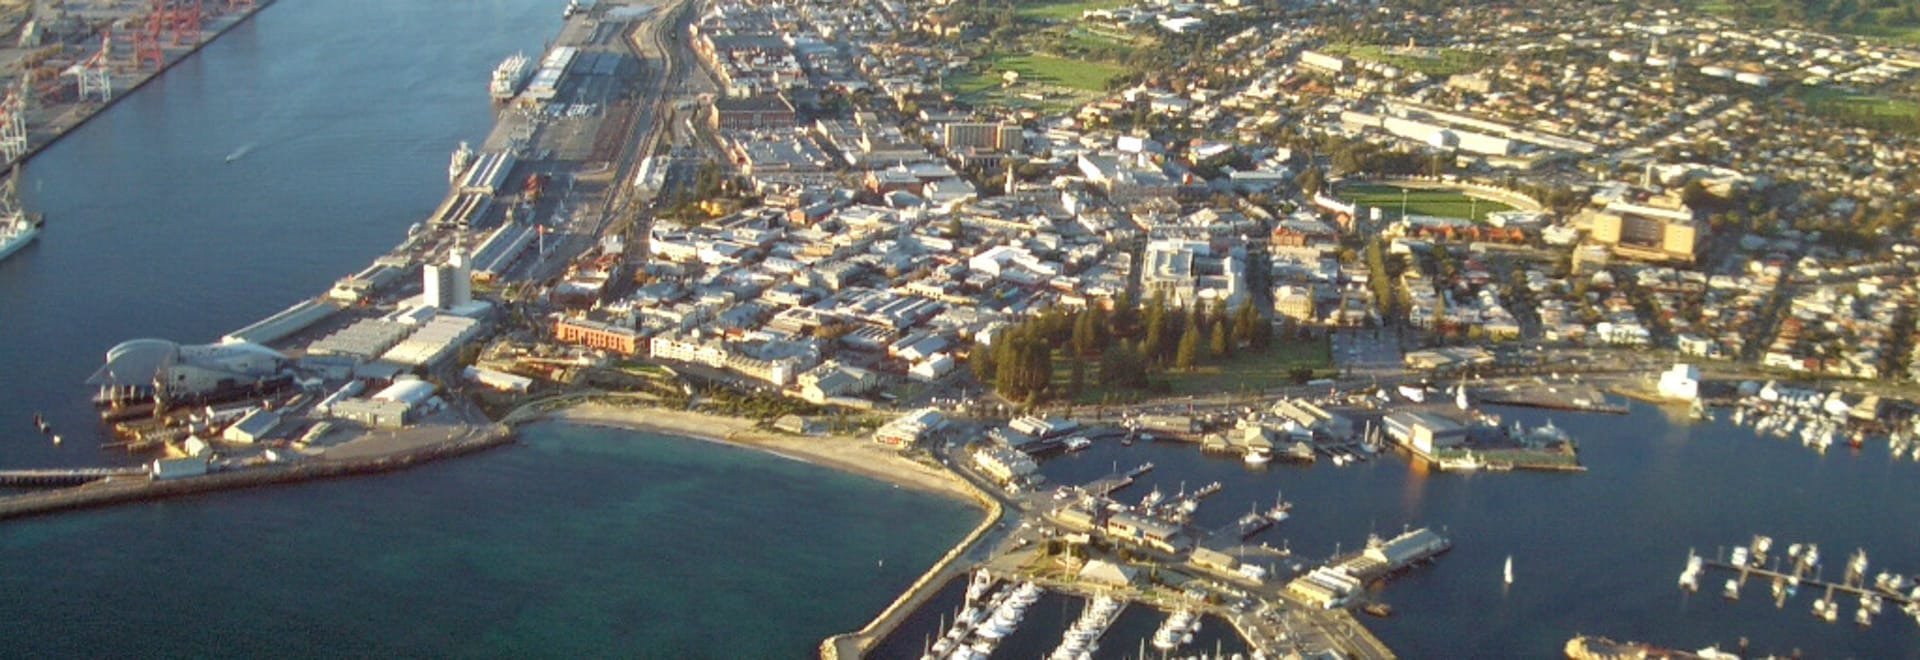 1492069838_aerial_view_of_fremantle.jpg